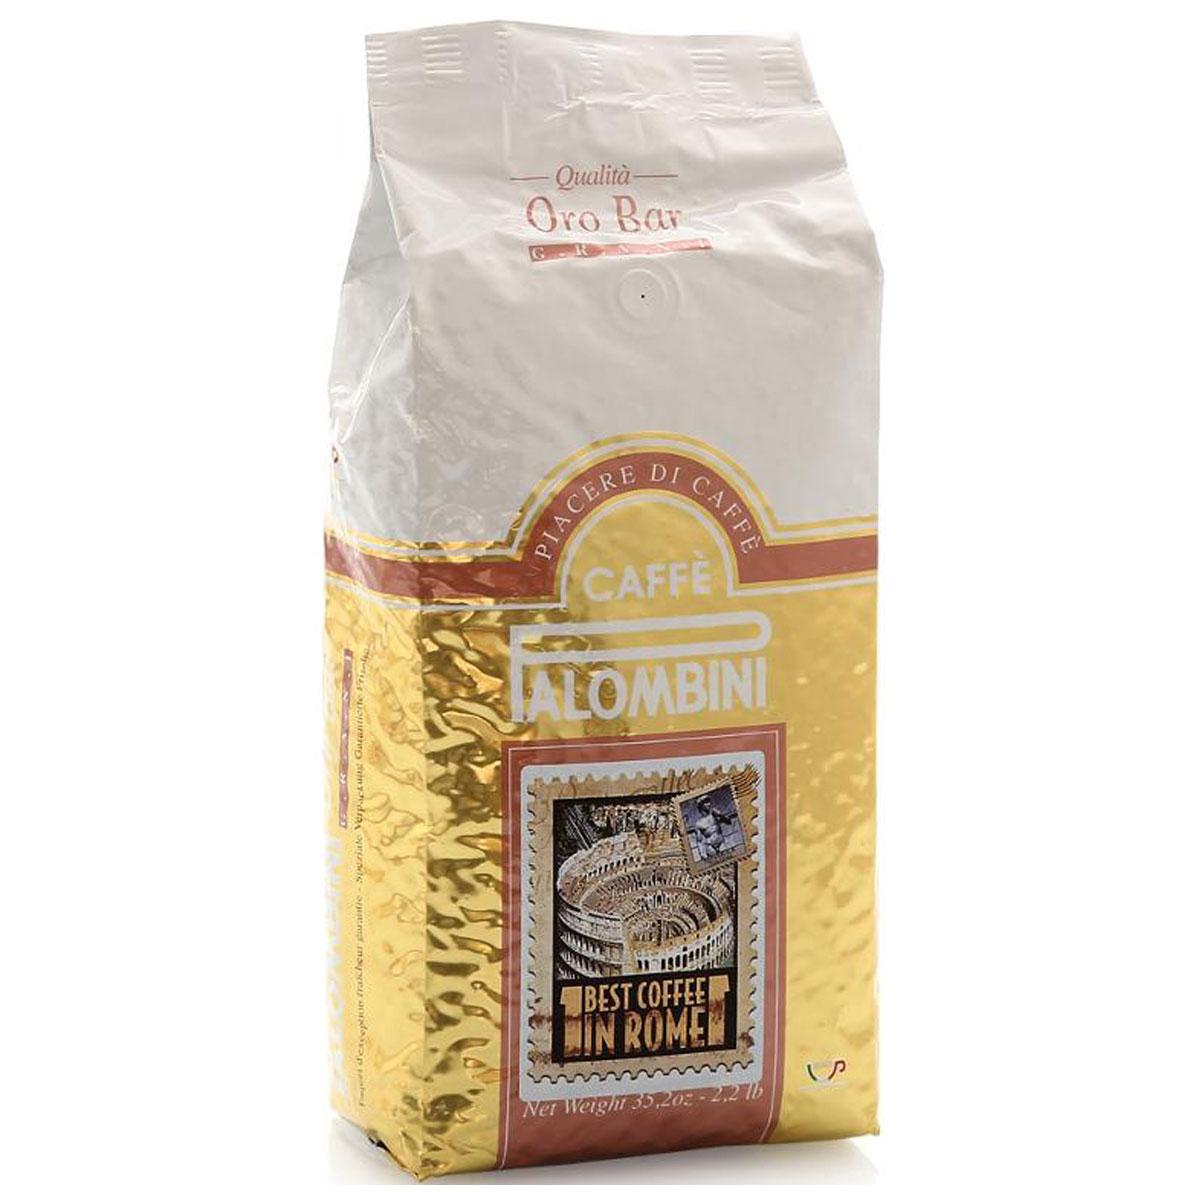 Palombini Oro Bar кофе в зернах, 1 кг8009785302417Натуральный жареный кофе в зернах Palombini Oro Bar, высший сорт. Самые ценные атрибуты этой смеси - выразительность вкуса и насыщенная консистенция. Oro Bar замечательно подойдет как для приготовления пробуждающего эспрессо, так и изысканного каппуччино. Смесь содержит 85% арабики и 15% робусты.